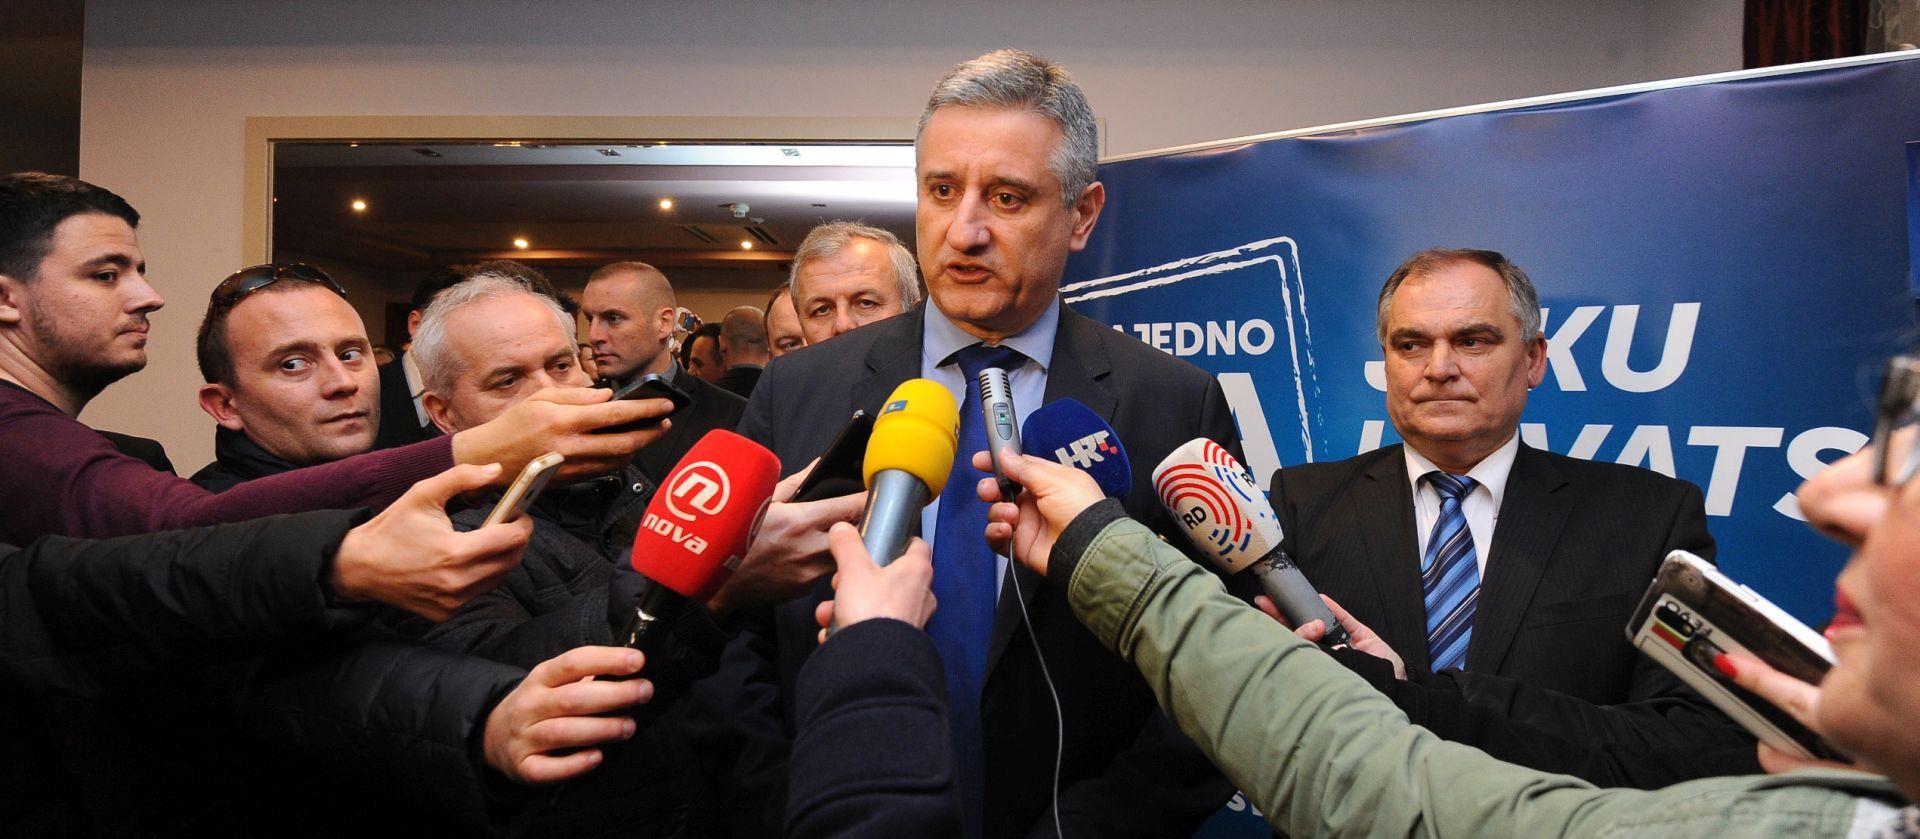 Karamarko: Trakavica oko Lozančića najmanje koristi nacionalnoj sigurnosti